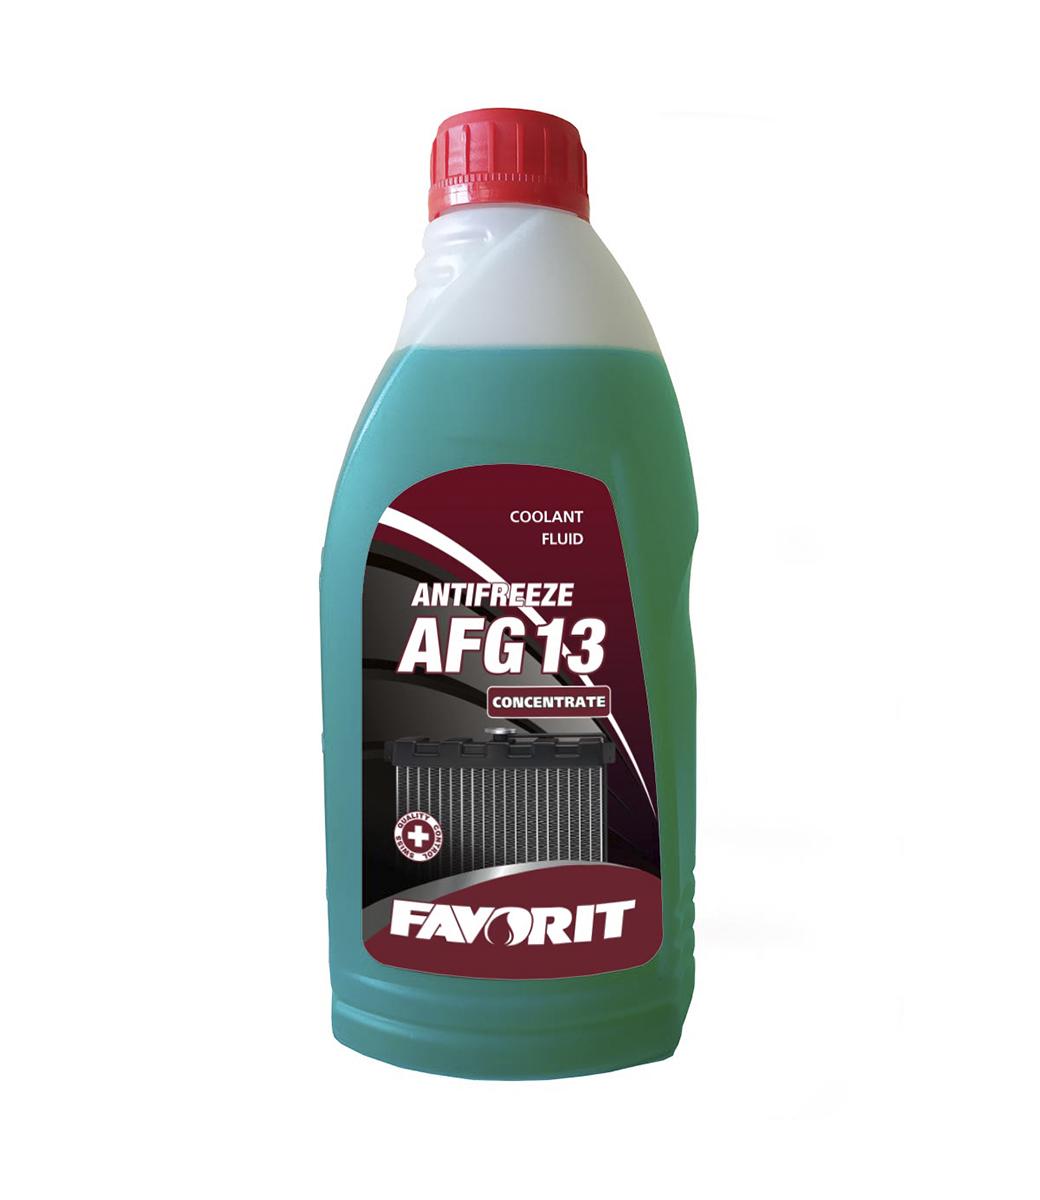 Favorit Antifreeze AFG 13